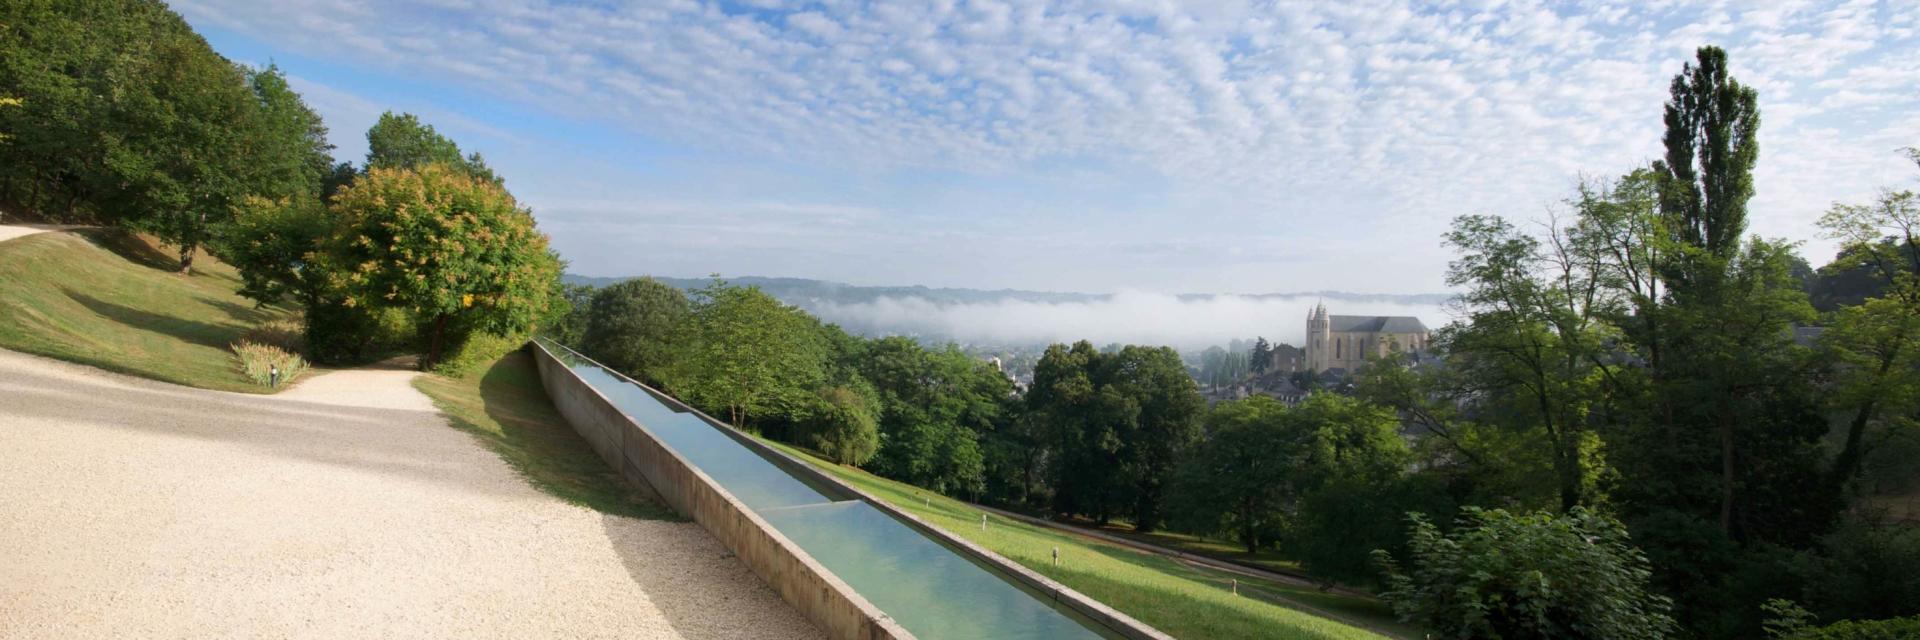 Jardins de l'Imaginaire vue panoramique du canal